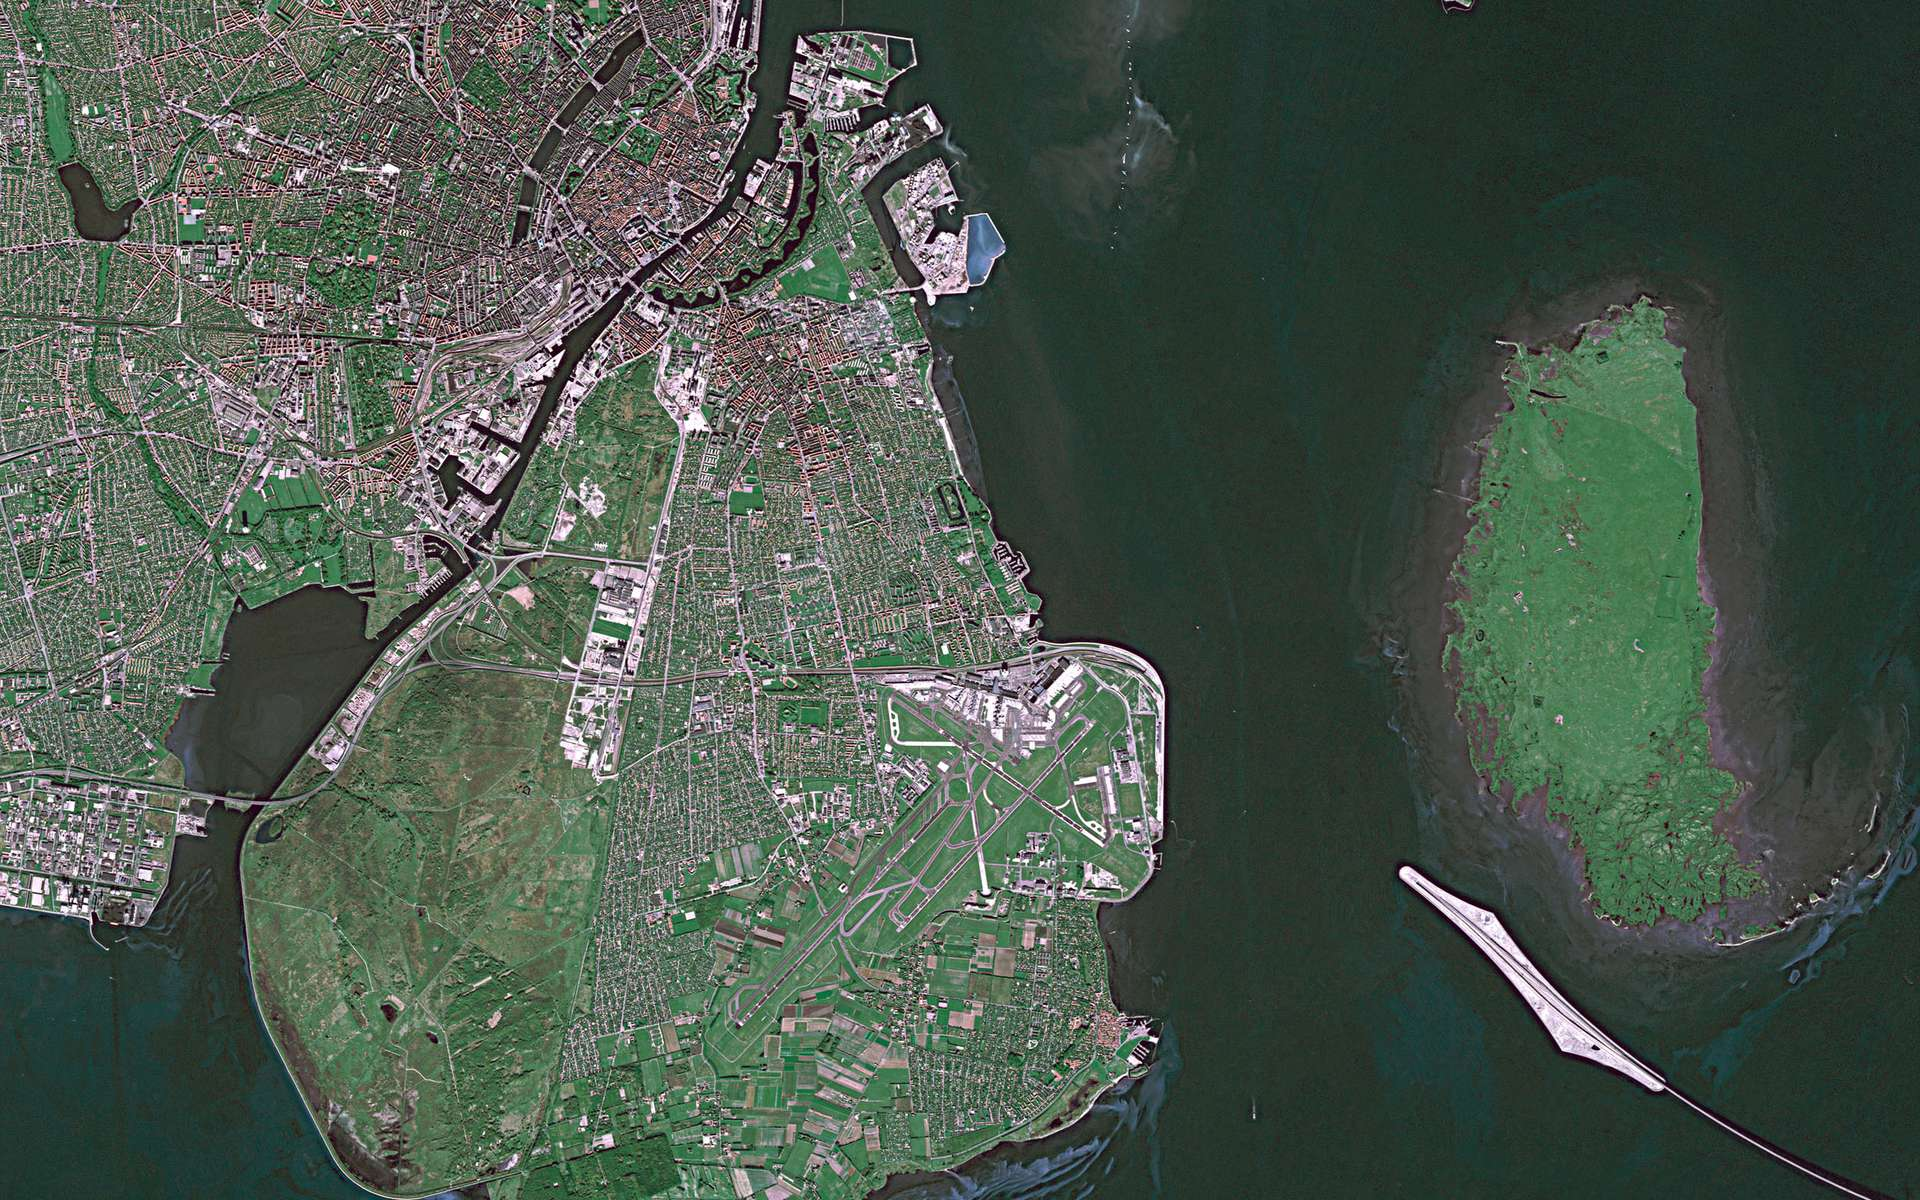 Copenhague, vue par le satellite Spot-4 en 2004. La capitale et plus grande ville du Danemark est située sur la façade est de l'île de Sjælland (à gauche) et sur l'île d'Amager (à droite). © Cnes/Spot Image